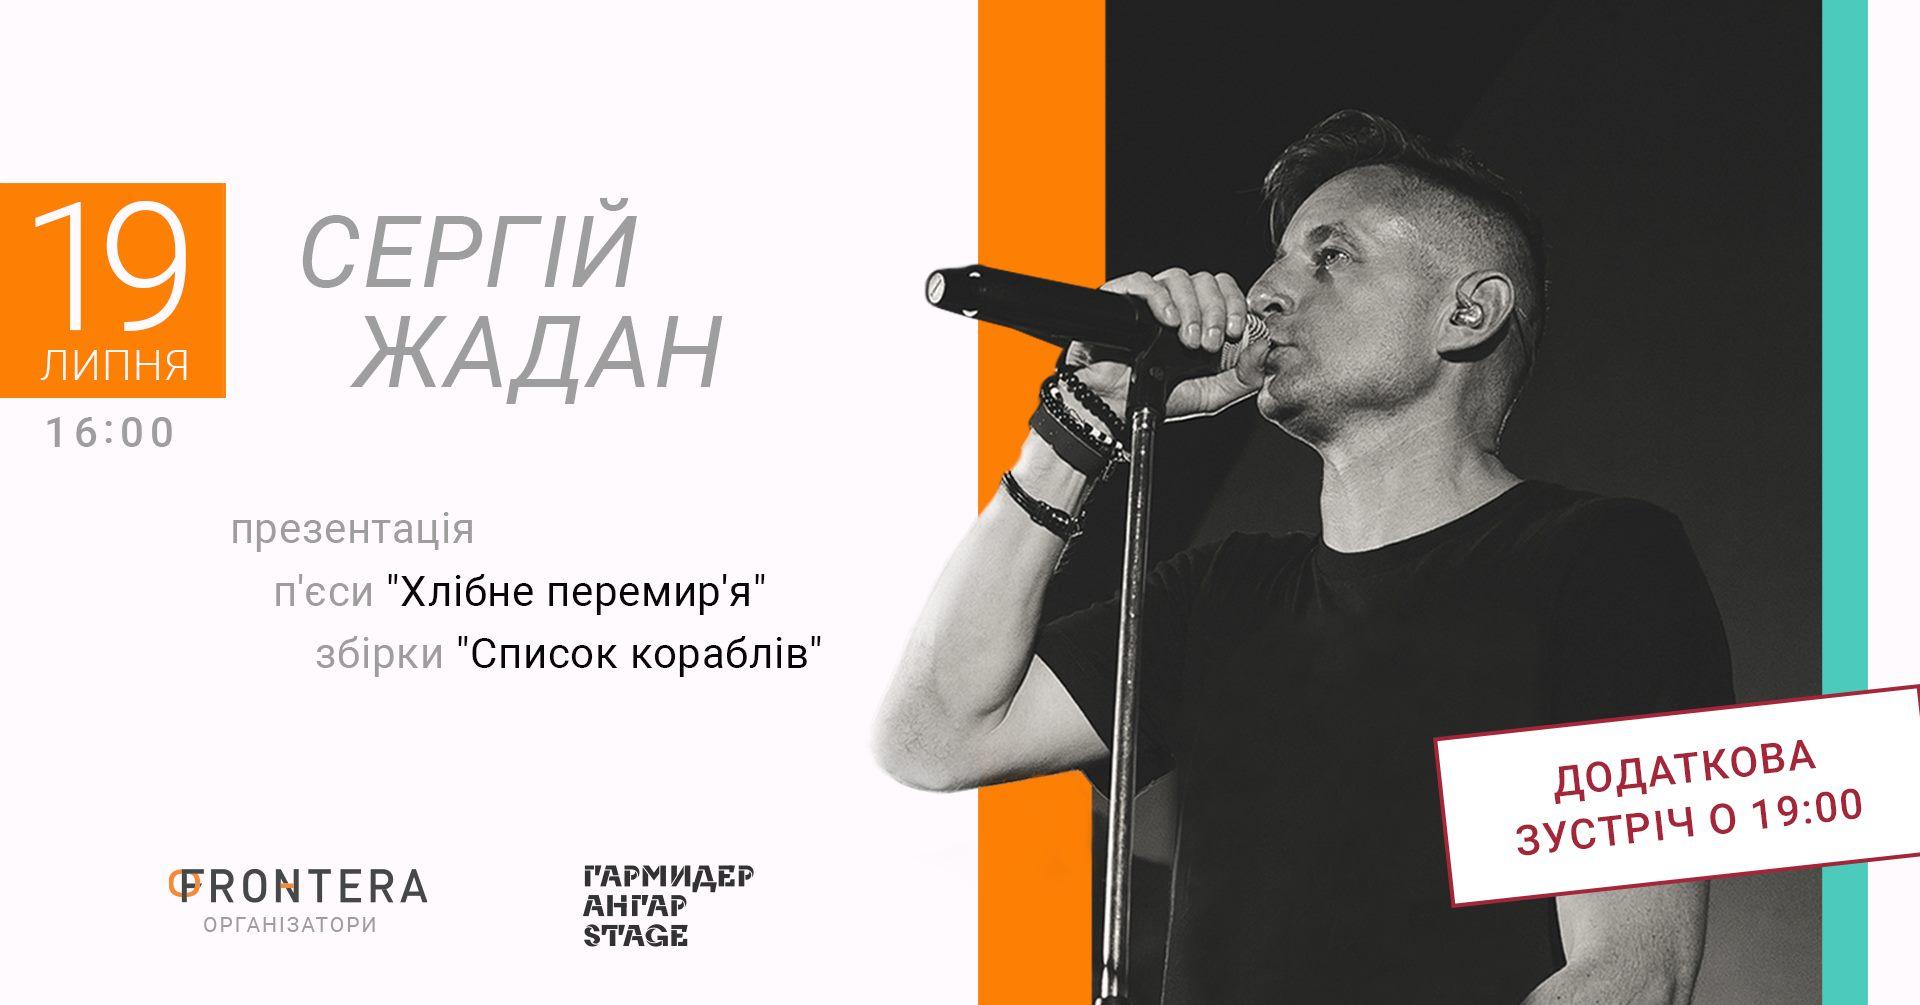 У Луцьку  Сергій Жадан матиме додаткову презентацію